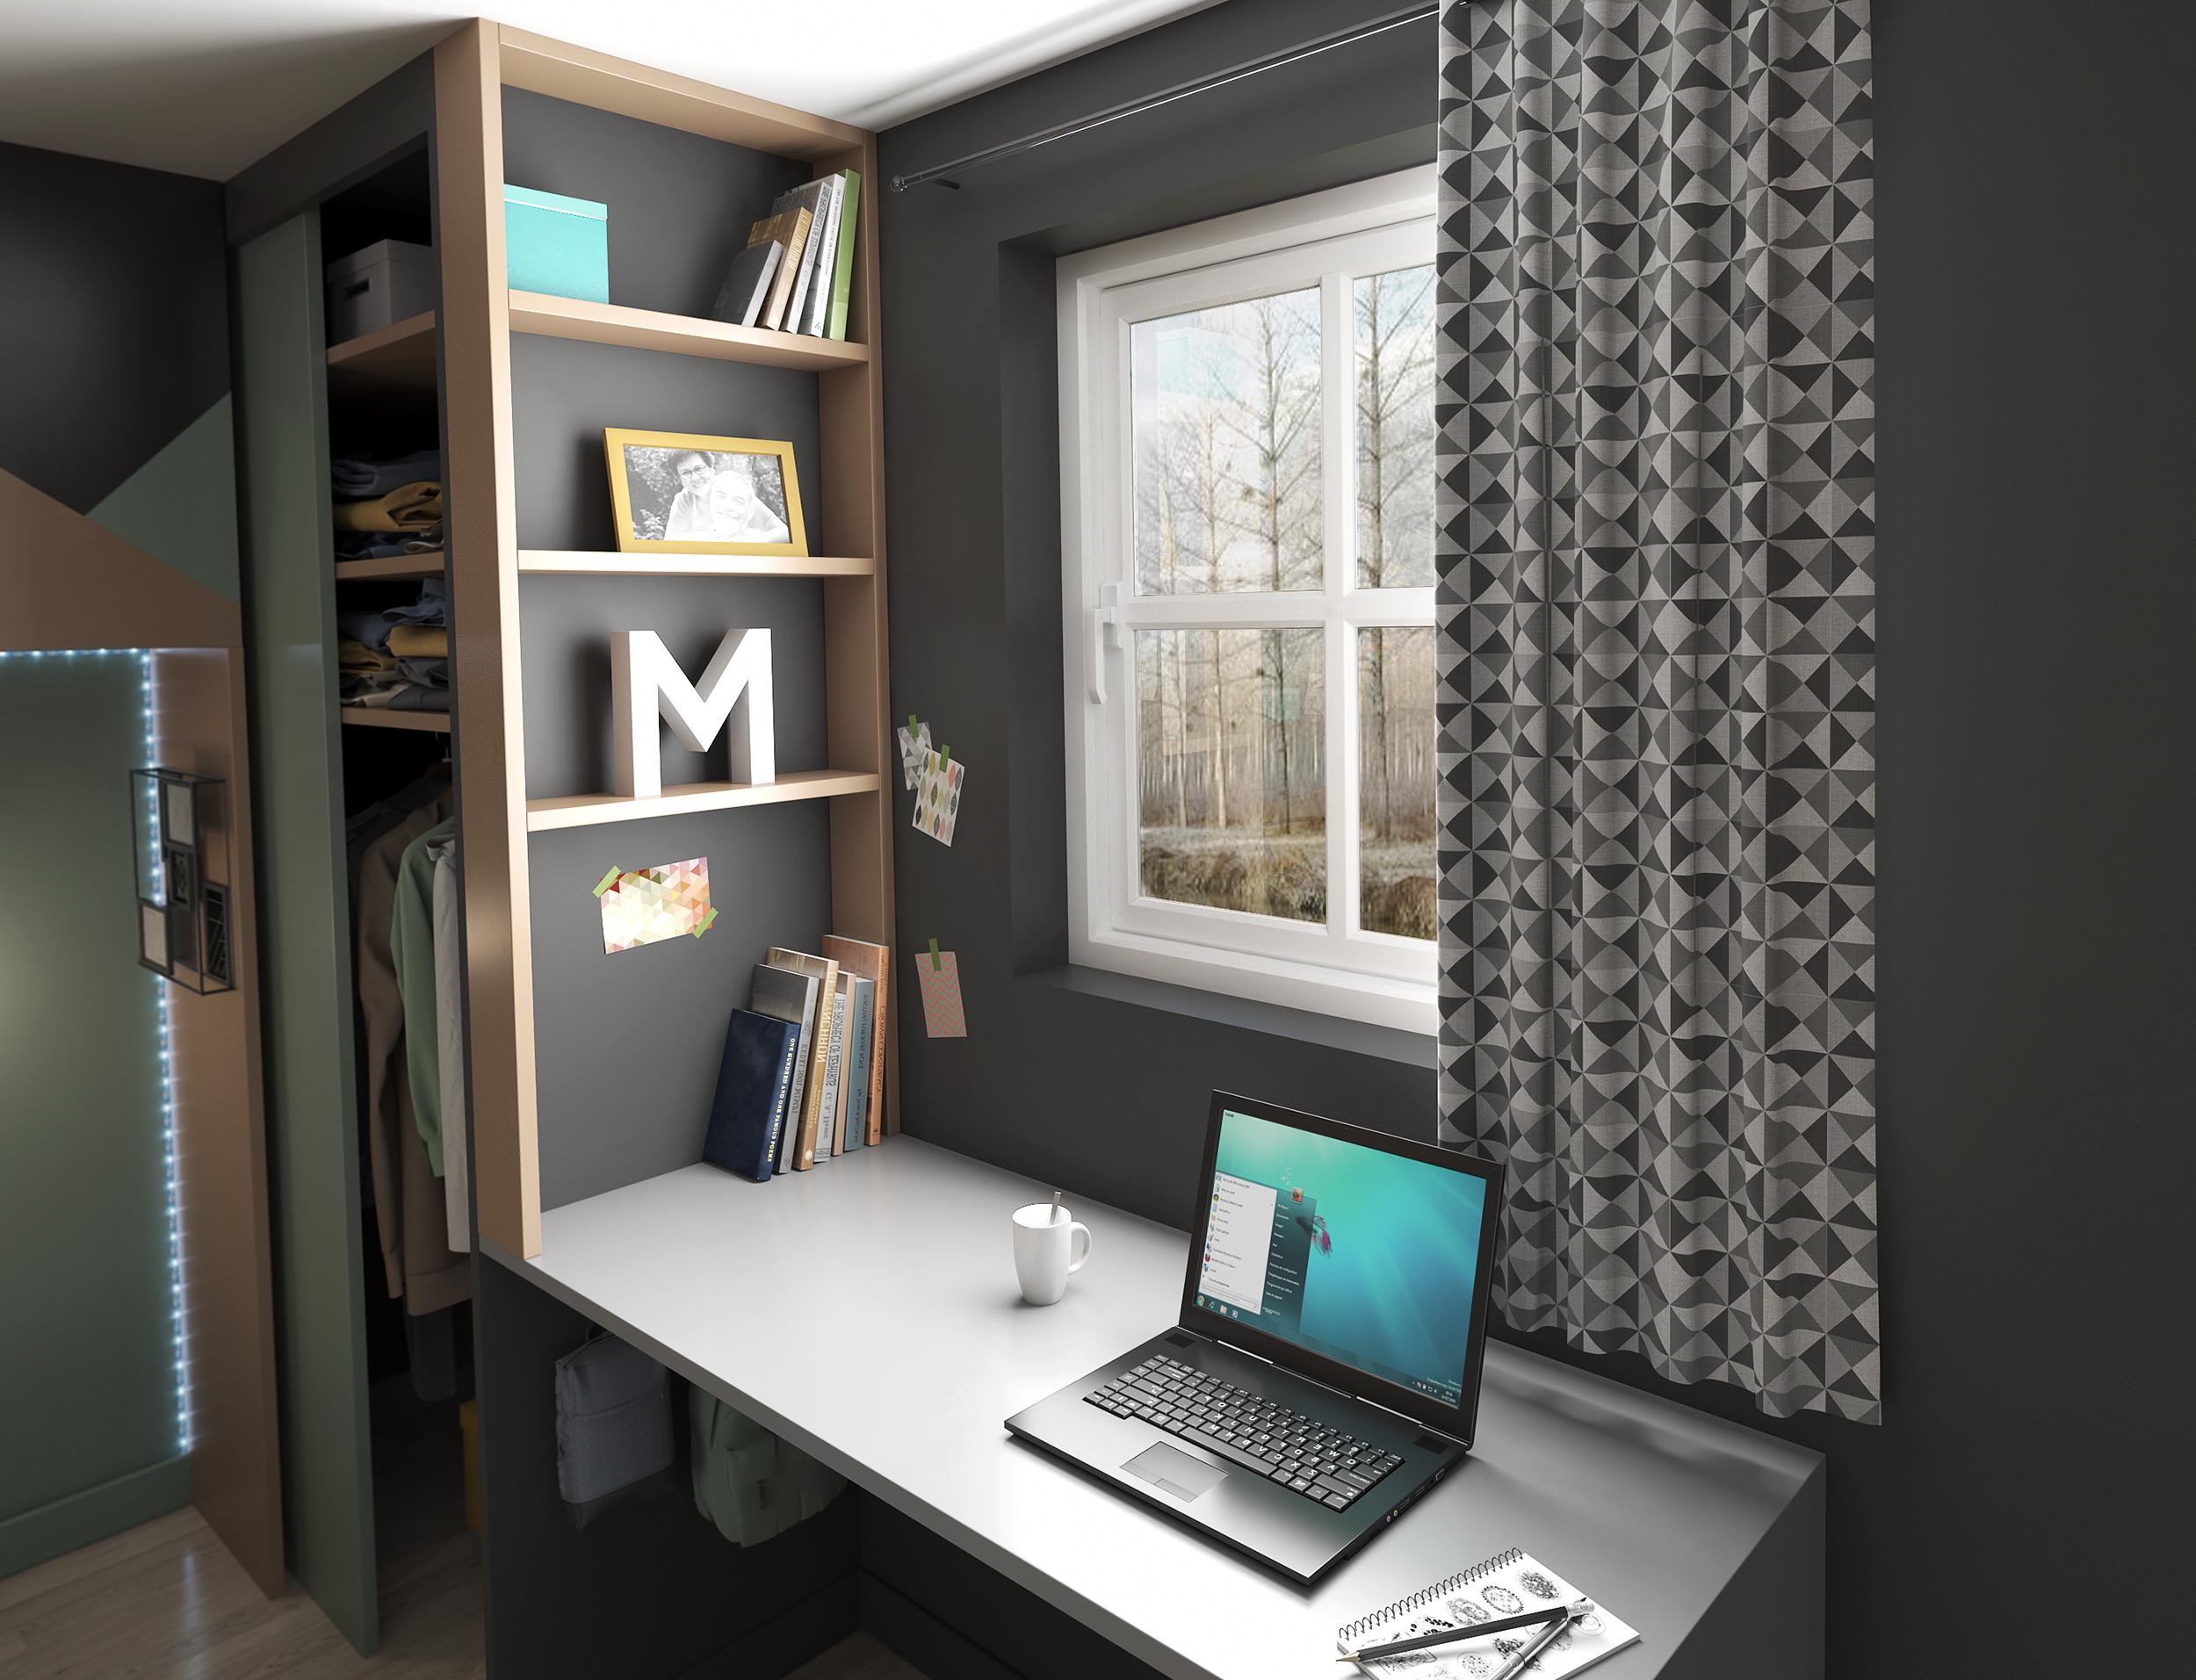 Dripmoon-archvis-graphiste3D-design-produits-images-3D-Emag14 (3)